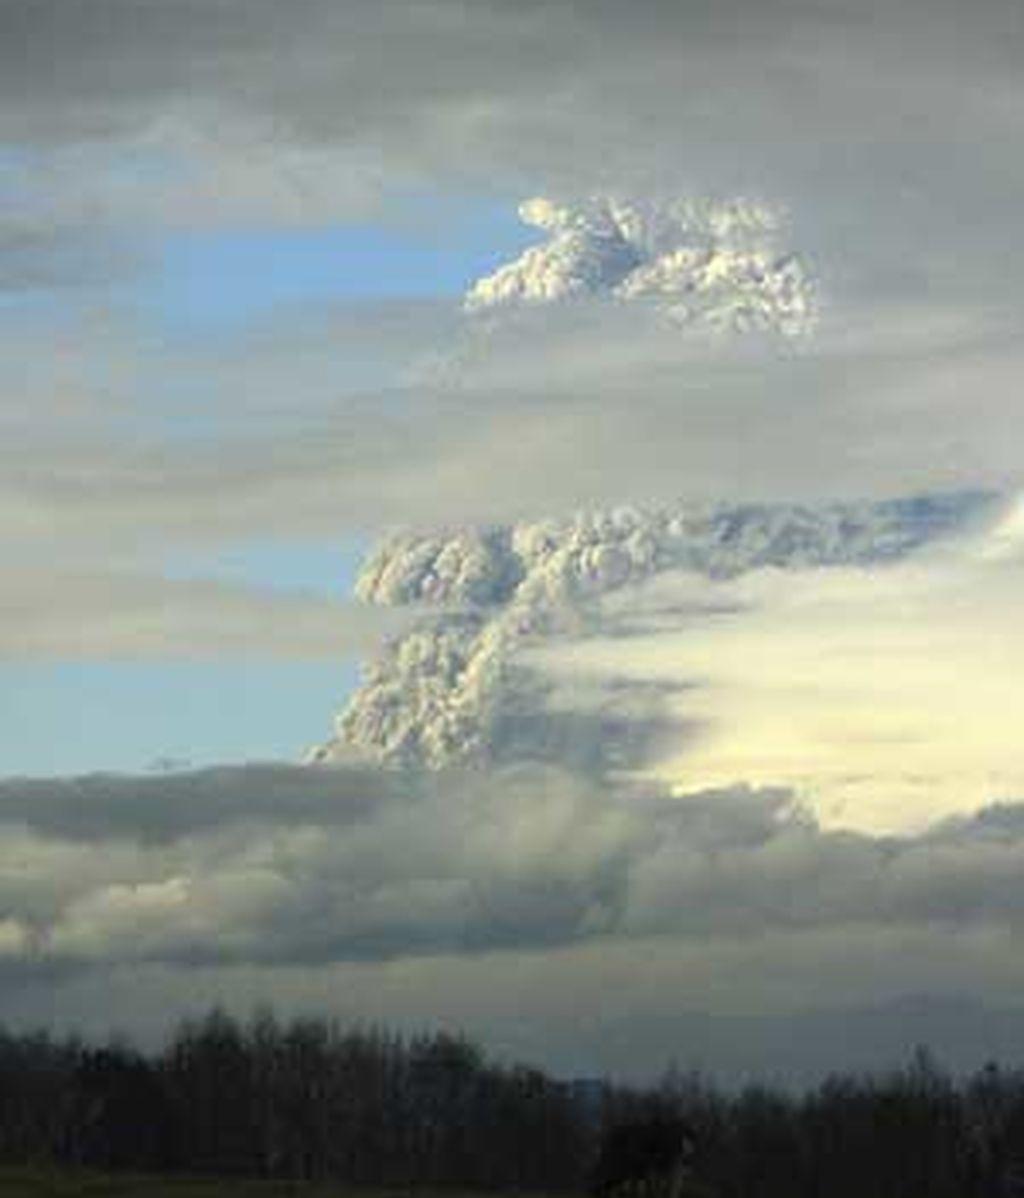 Imponente y grandiosa erupción del volcán Poyehue en Chile